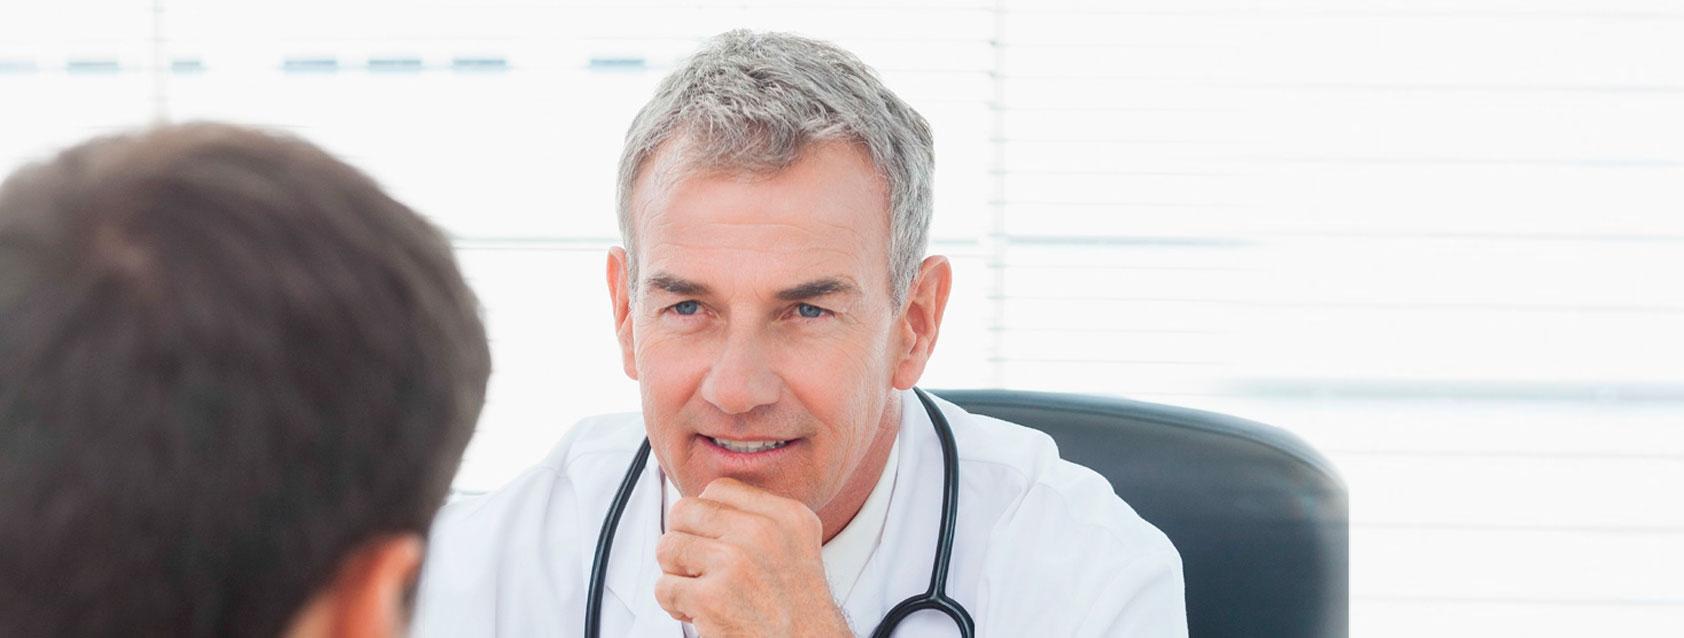 mejores sitios web sobre el cáncer de próstata